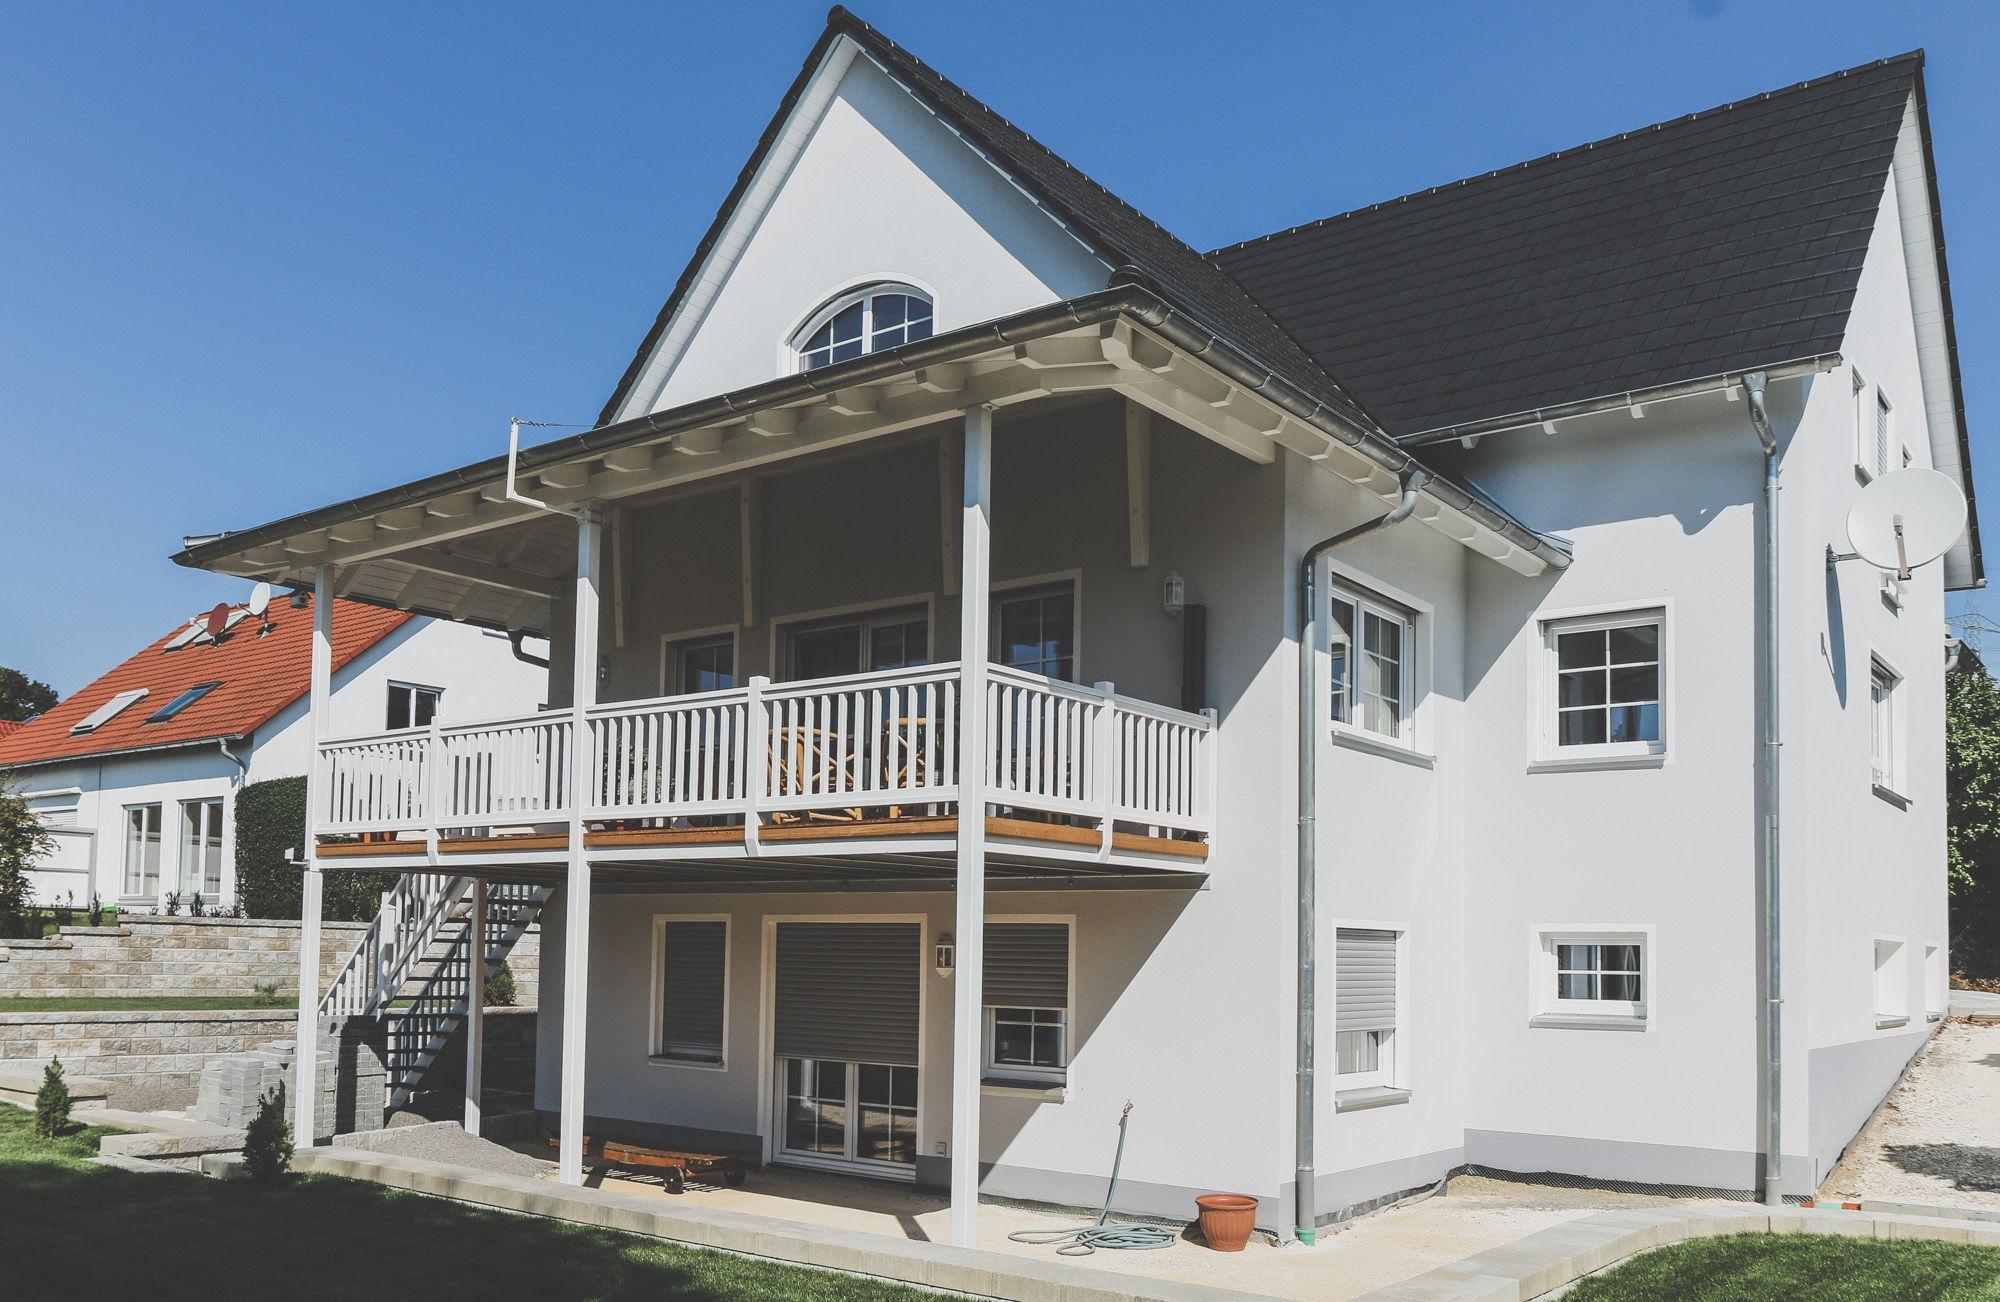 Foto Haus mit Veranda